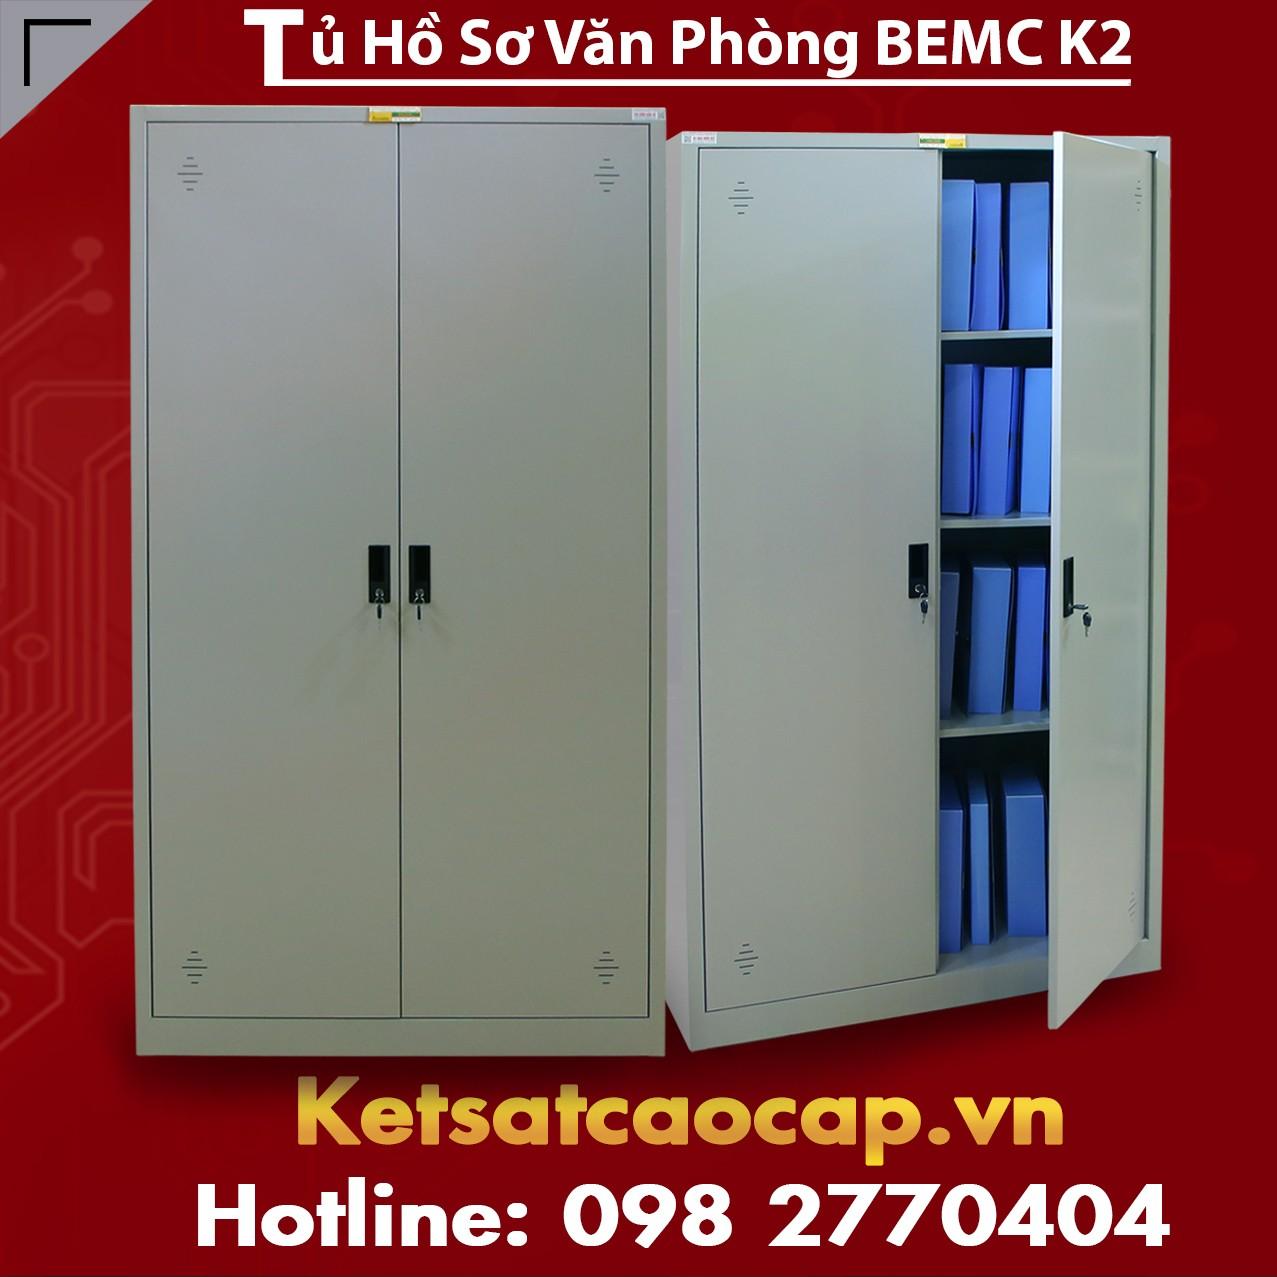 Tủ Hồ Sơ Văn Phòng BEMC K2 Cho Văn Phòng